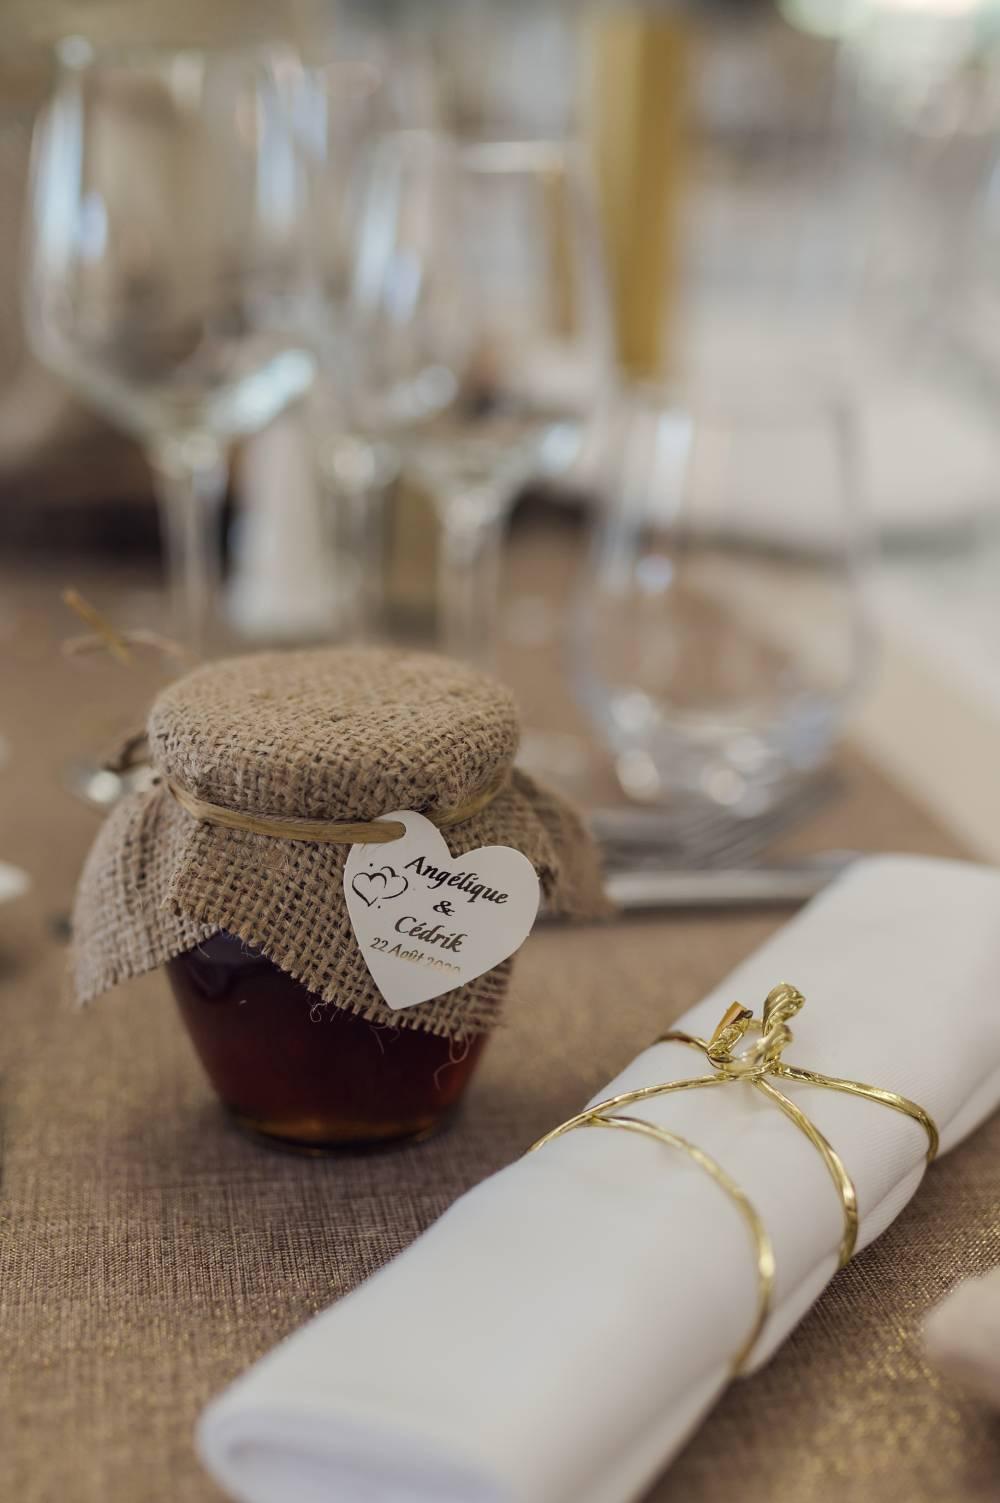 table de mariage décorée, photo prise par Florence Martin photographe de mariage Var et Alpes Maritimes